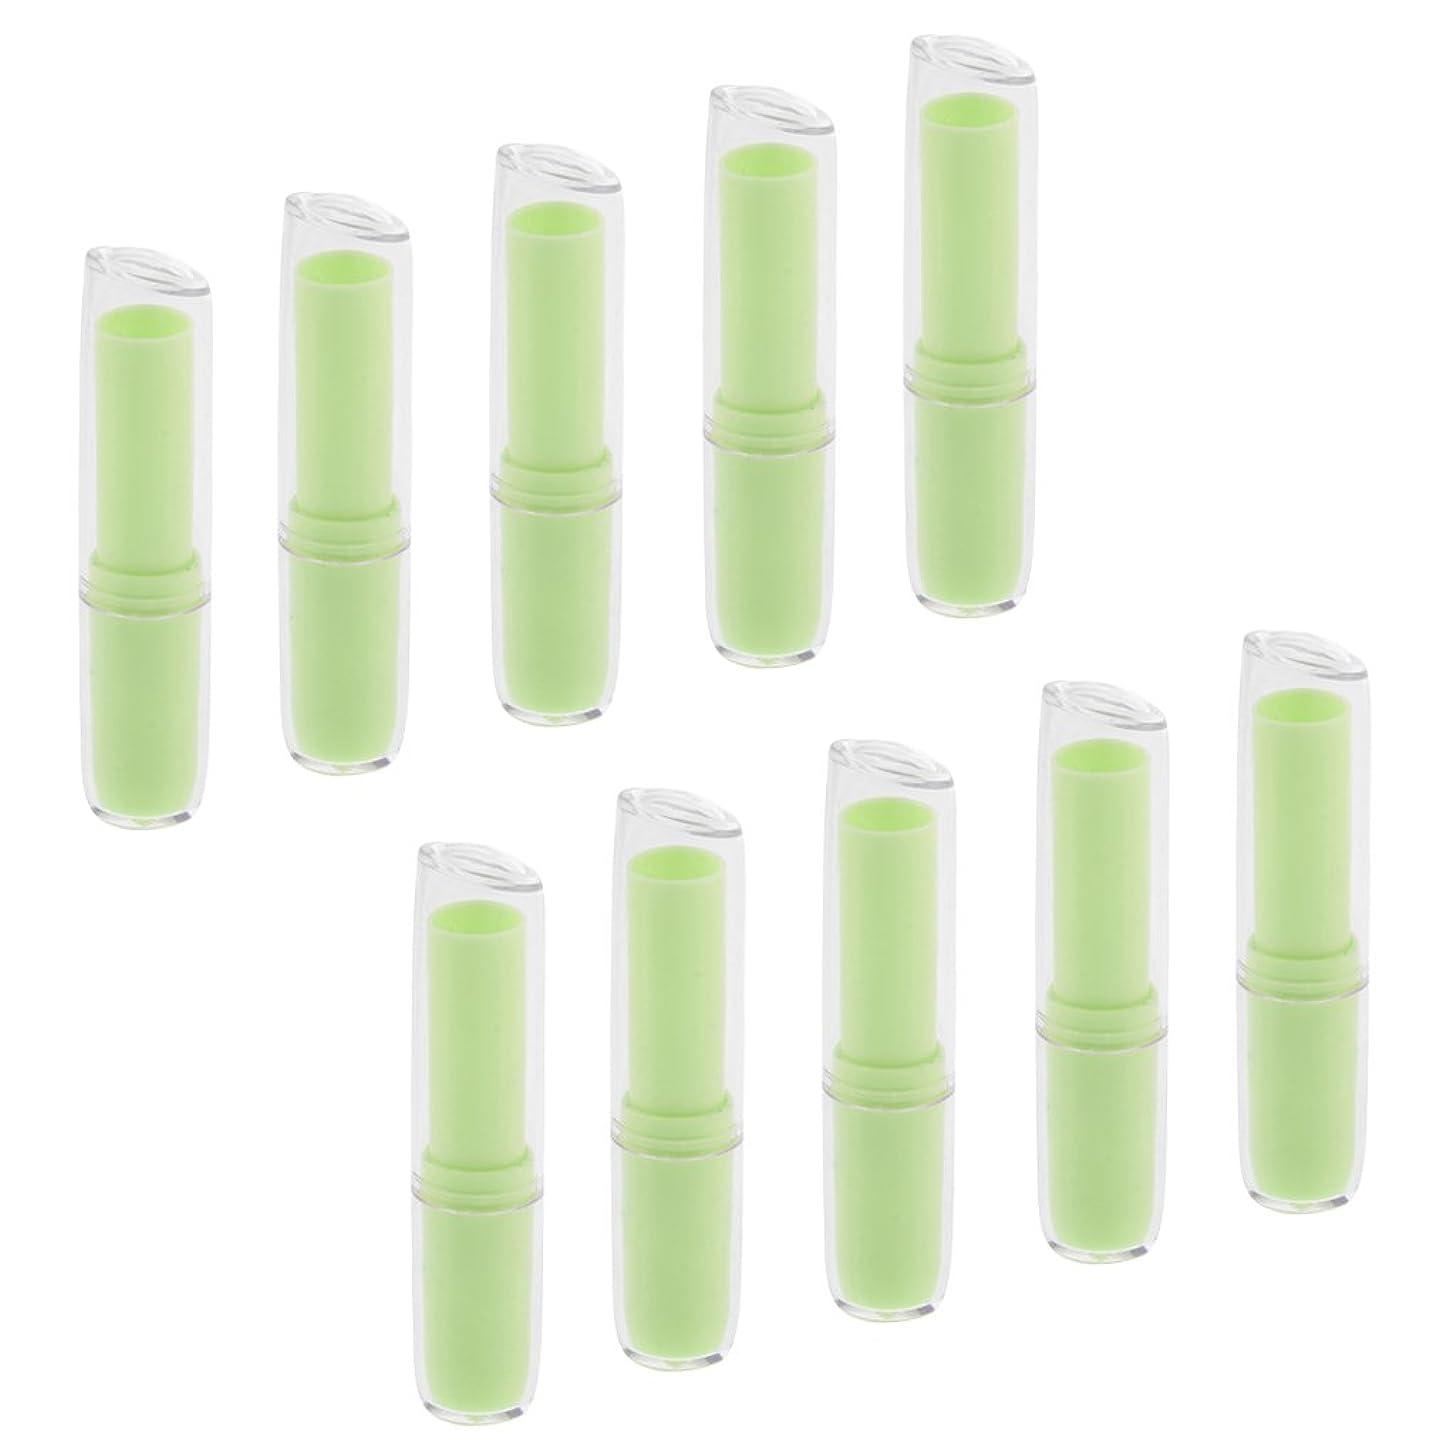 チョーク期限上院議員Kesoto 10個入 リップスティックチューブ 空チューブ 12.1mm 金型 DIY 化粧品 全6色  - 緑